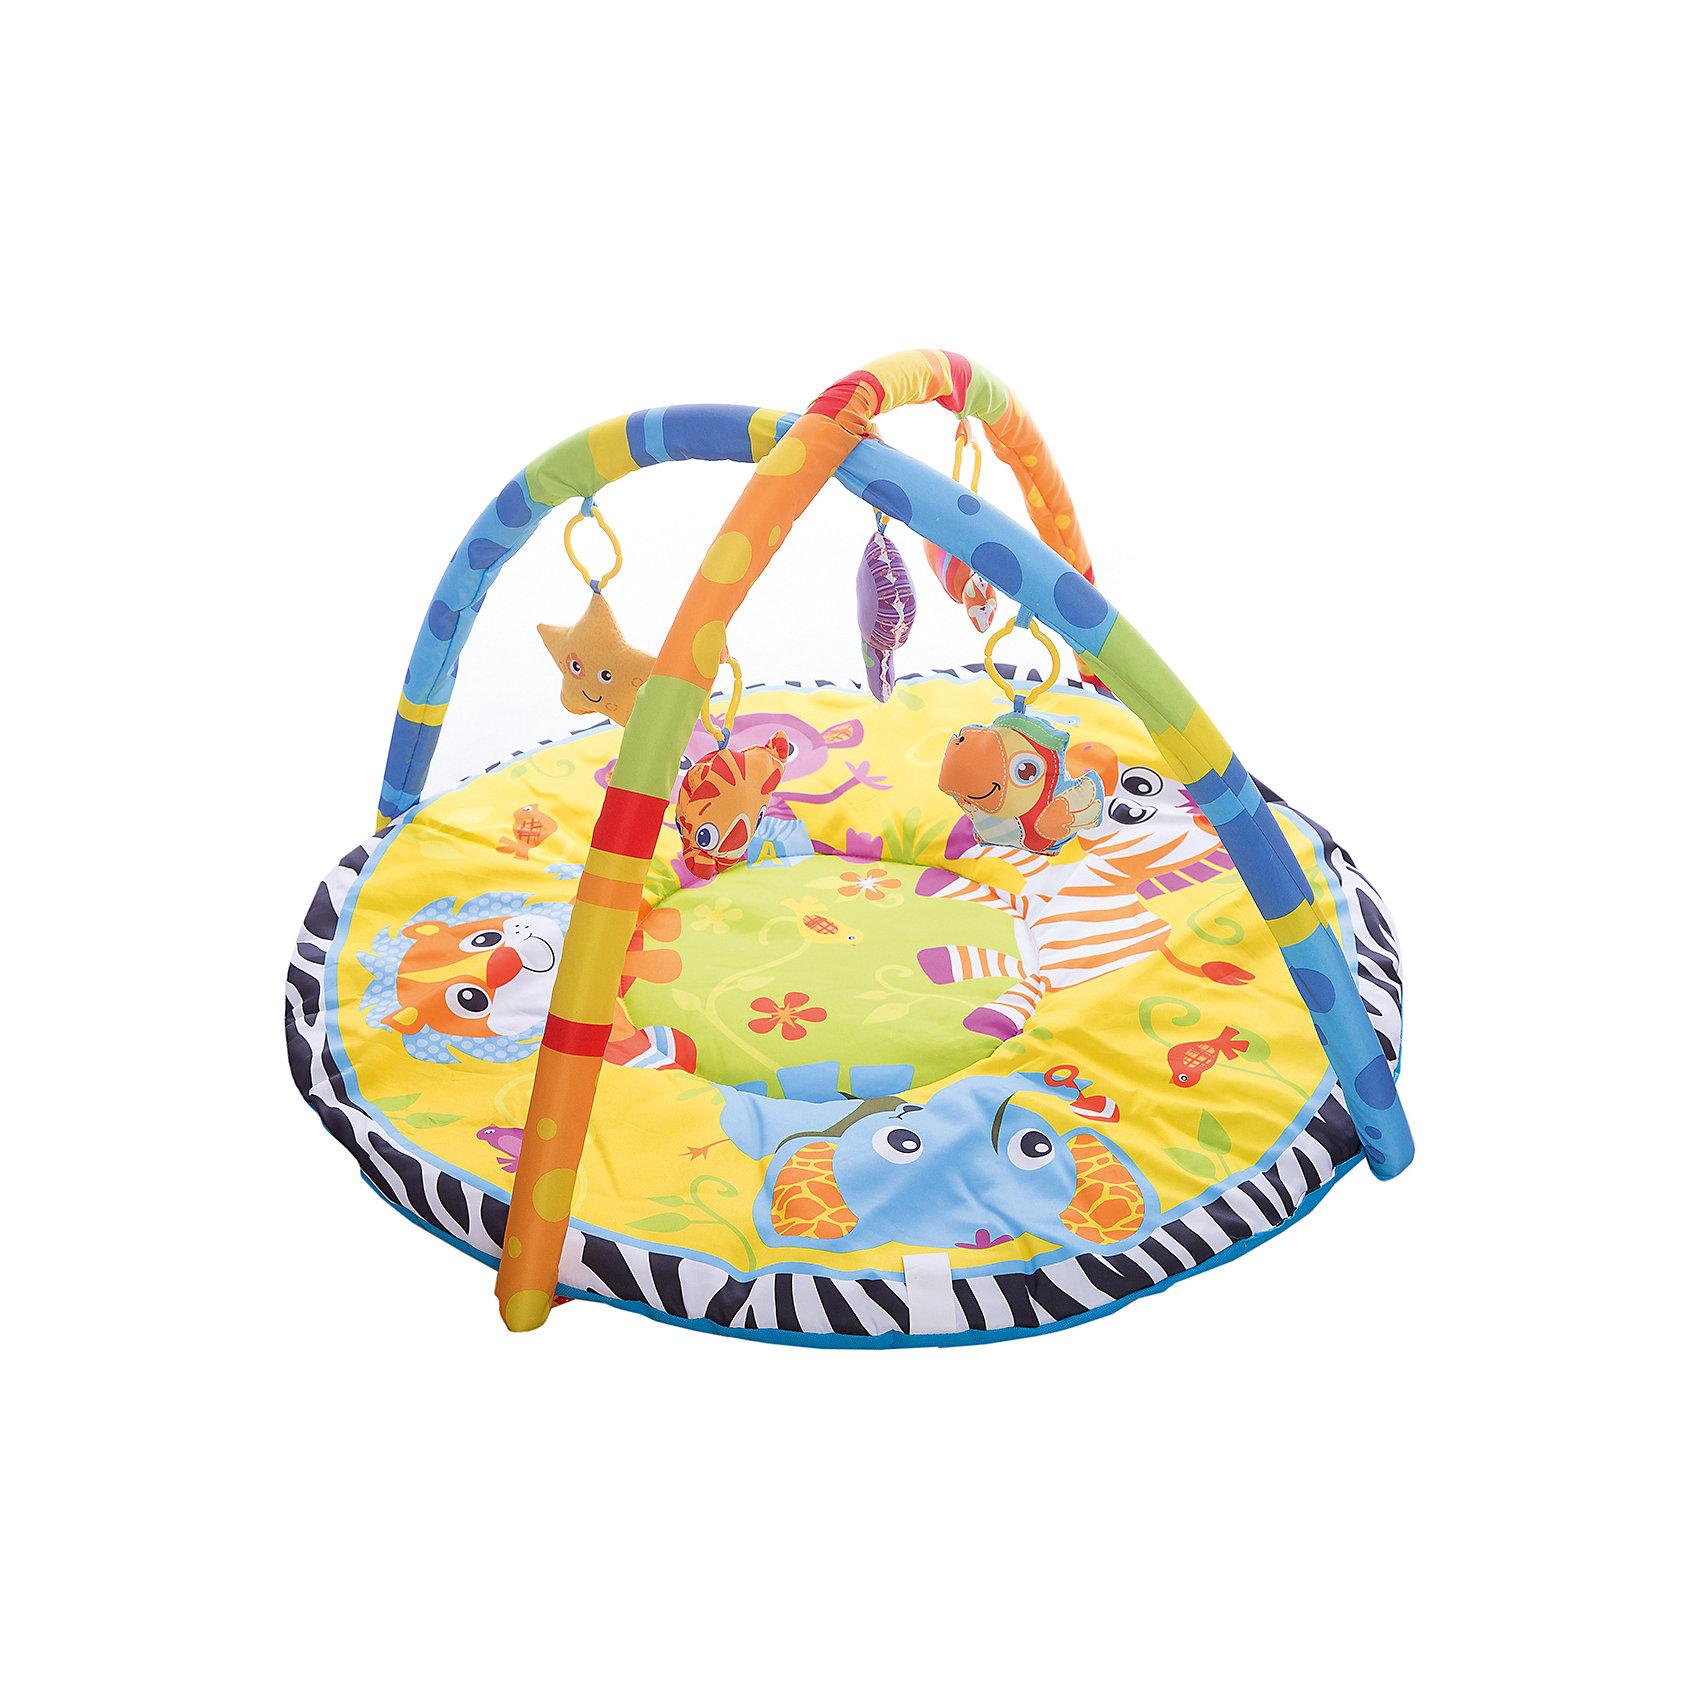 Детский игровой коврик с мягкими игрушками на подвеске, УмкаДетский игровой коврик с мягкими игрушками на подвеске изготовлен из мягкого текстиля с уплотнением и оформлен яркими изображениями забавных зверят. На цветных полукруглых дугах прикреплены привлекательные игрушки, которые можно снять и играть с ними отдельно. <br>Развивающий коврик подарит ребенку возможность весело провести время дома или на свежем воздухе. А также поможет в игровой форме развить цветовое и зрительное восприятие, мелкую моторику рук и координацию движения.<br> <br>В комплект входит:<br>-коврик<br>-две дуги<br>-подвесные игрушки<br><br>Дополнительная информация:<br>-Вес: 1,13 кг<br>-Возраст: от 6 месяцев<br>-Материал: текстиль пластик<br>-Марка: Умка<br><br>Детский игровой коврик с мягкими игрушками на подвеске, Умка можно приобрести в нашем интернет-магазине.<br><br>Ширина мм: 80<br>Глубина мм: 460<br>Высота мм: 580<br>Вес г: 1130<br>Возраст от месяцев: 36<br>Возраст до месяцев: 2147483647<br>Пол: Унисекс<br>Возраст: Детский<br>SKU: 5002206